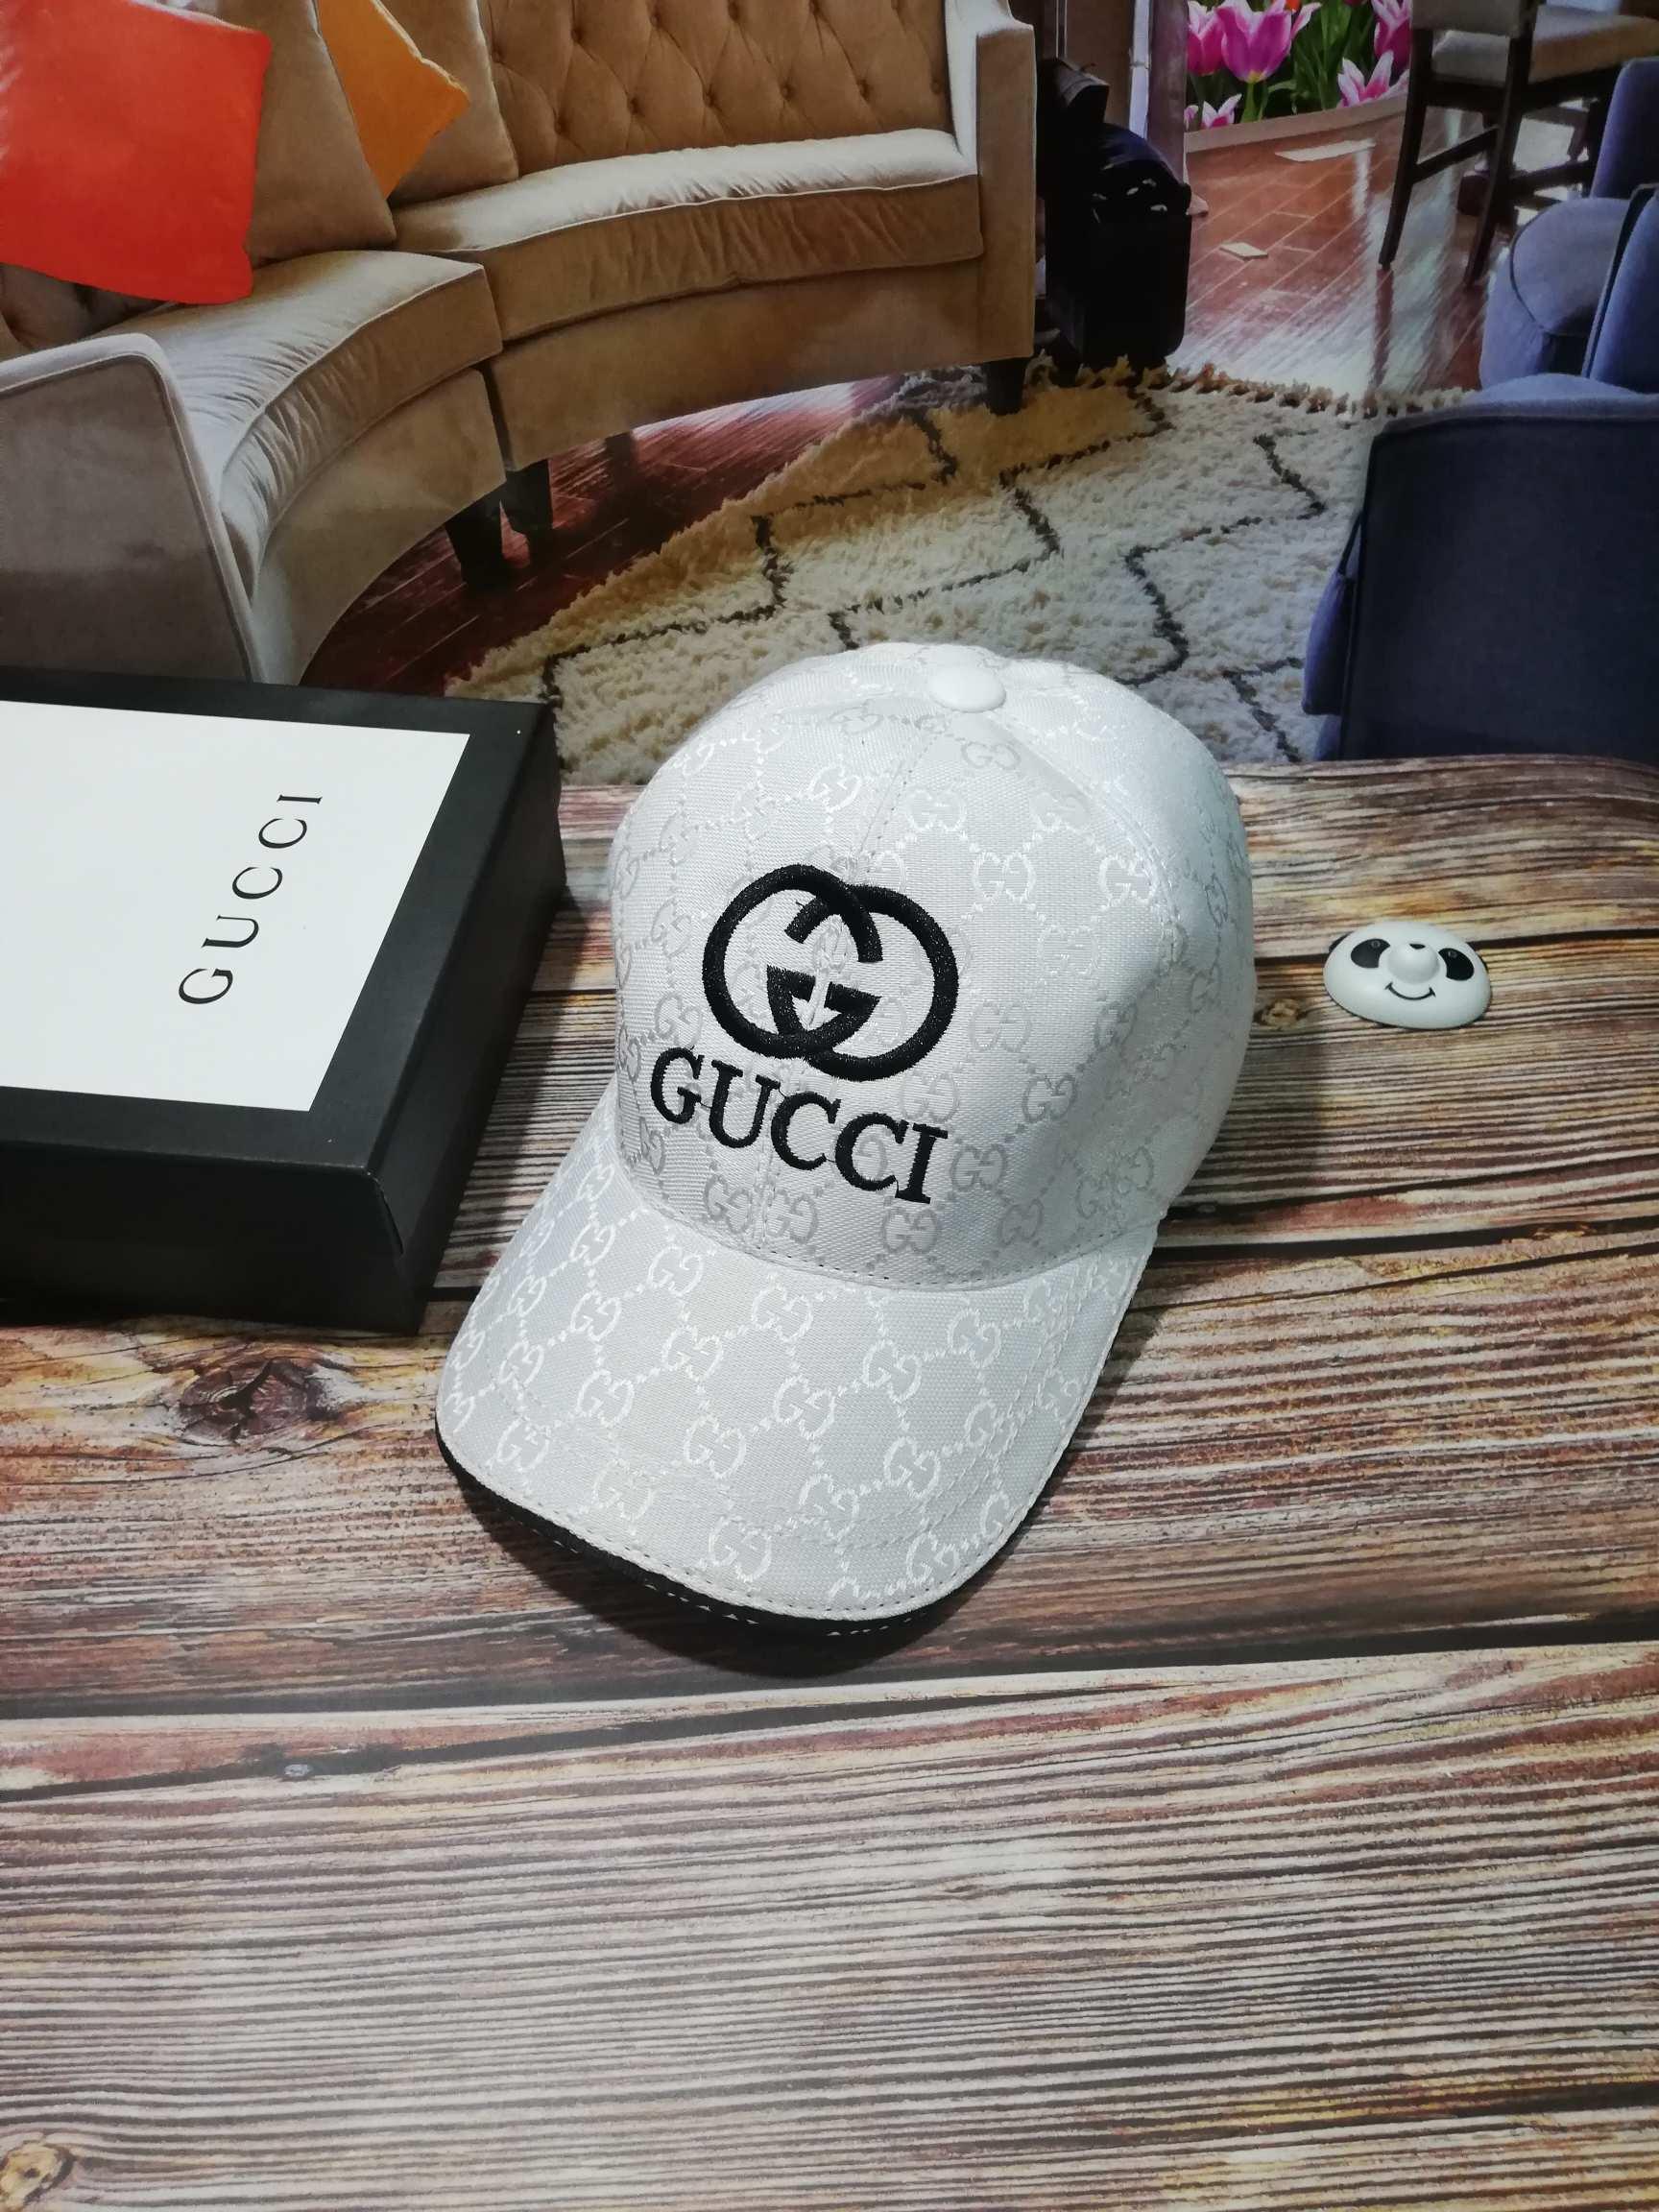 古奇Gucci刺绣高端棒球帽(图1)